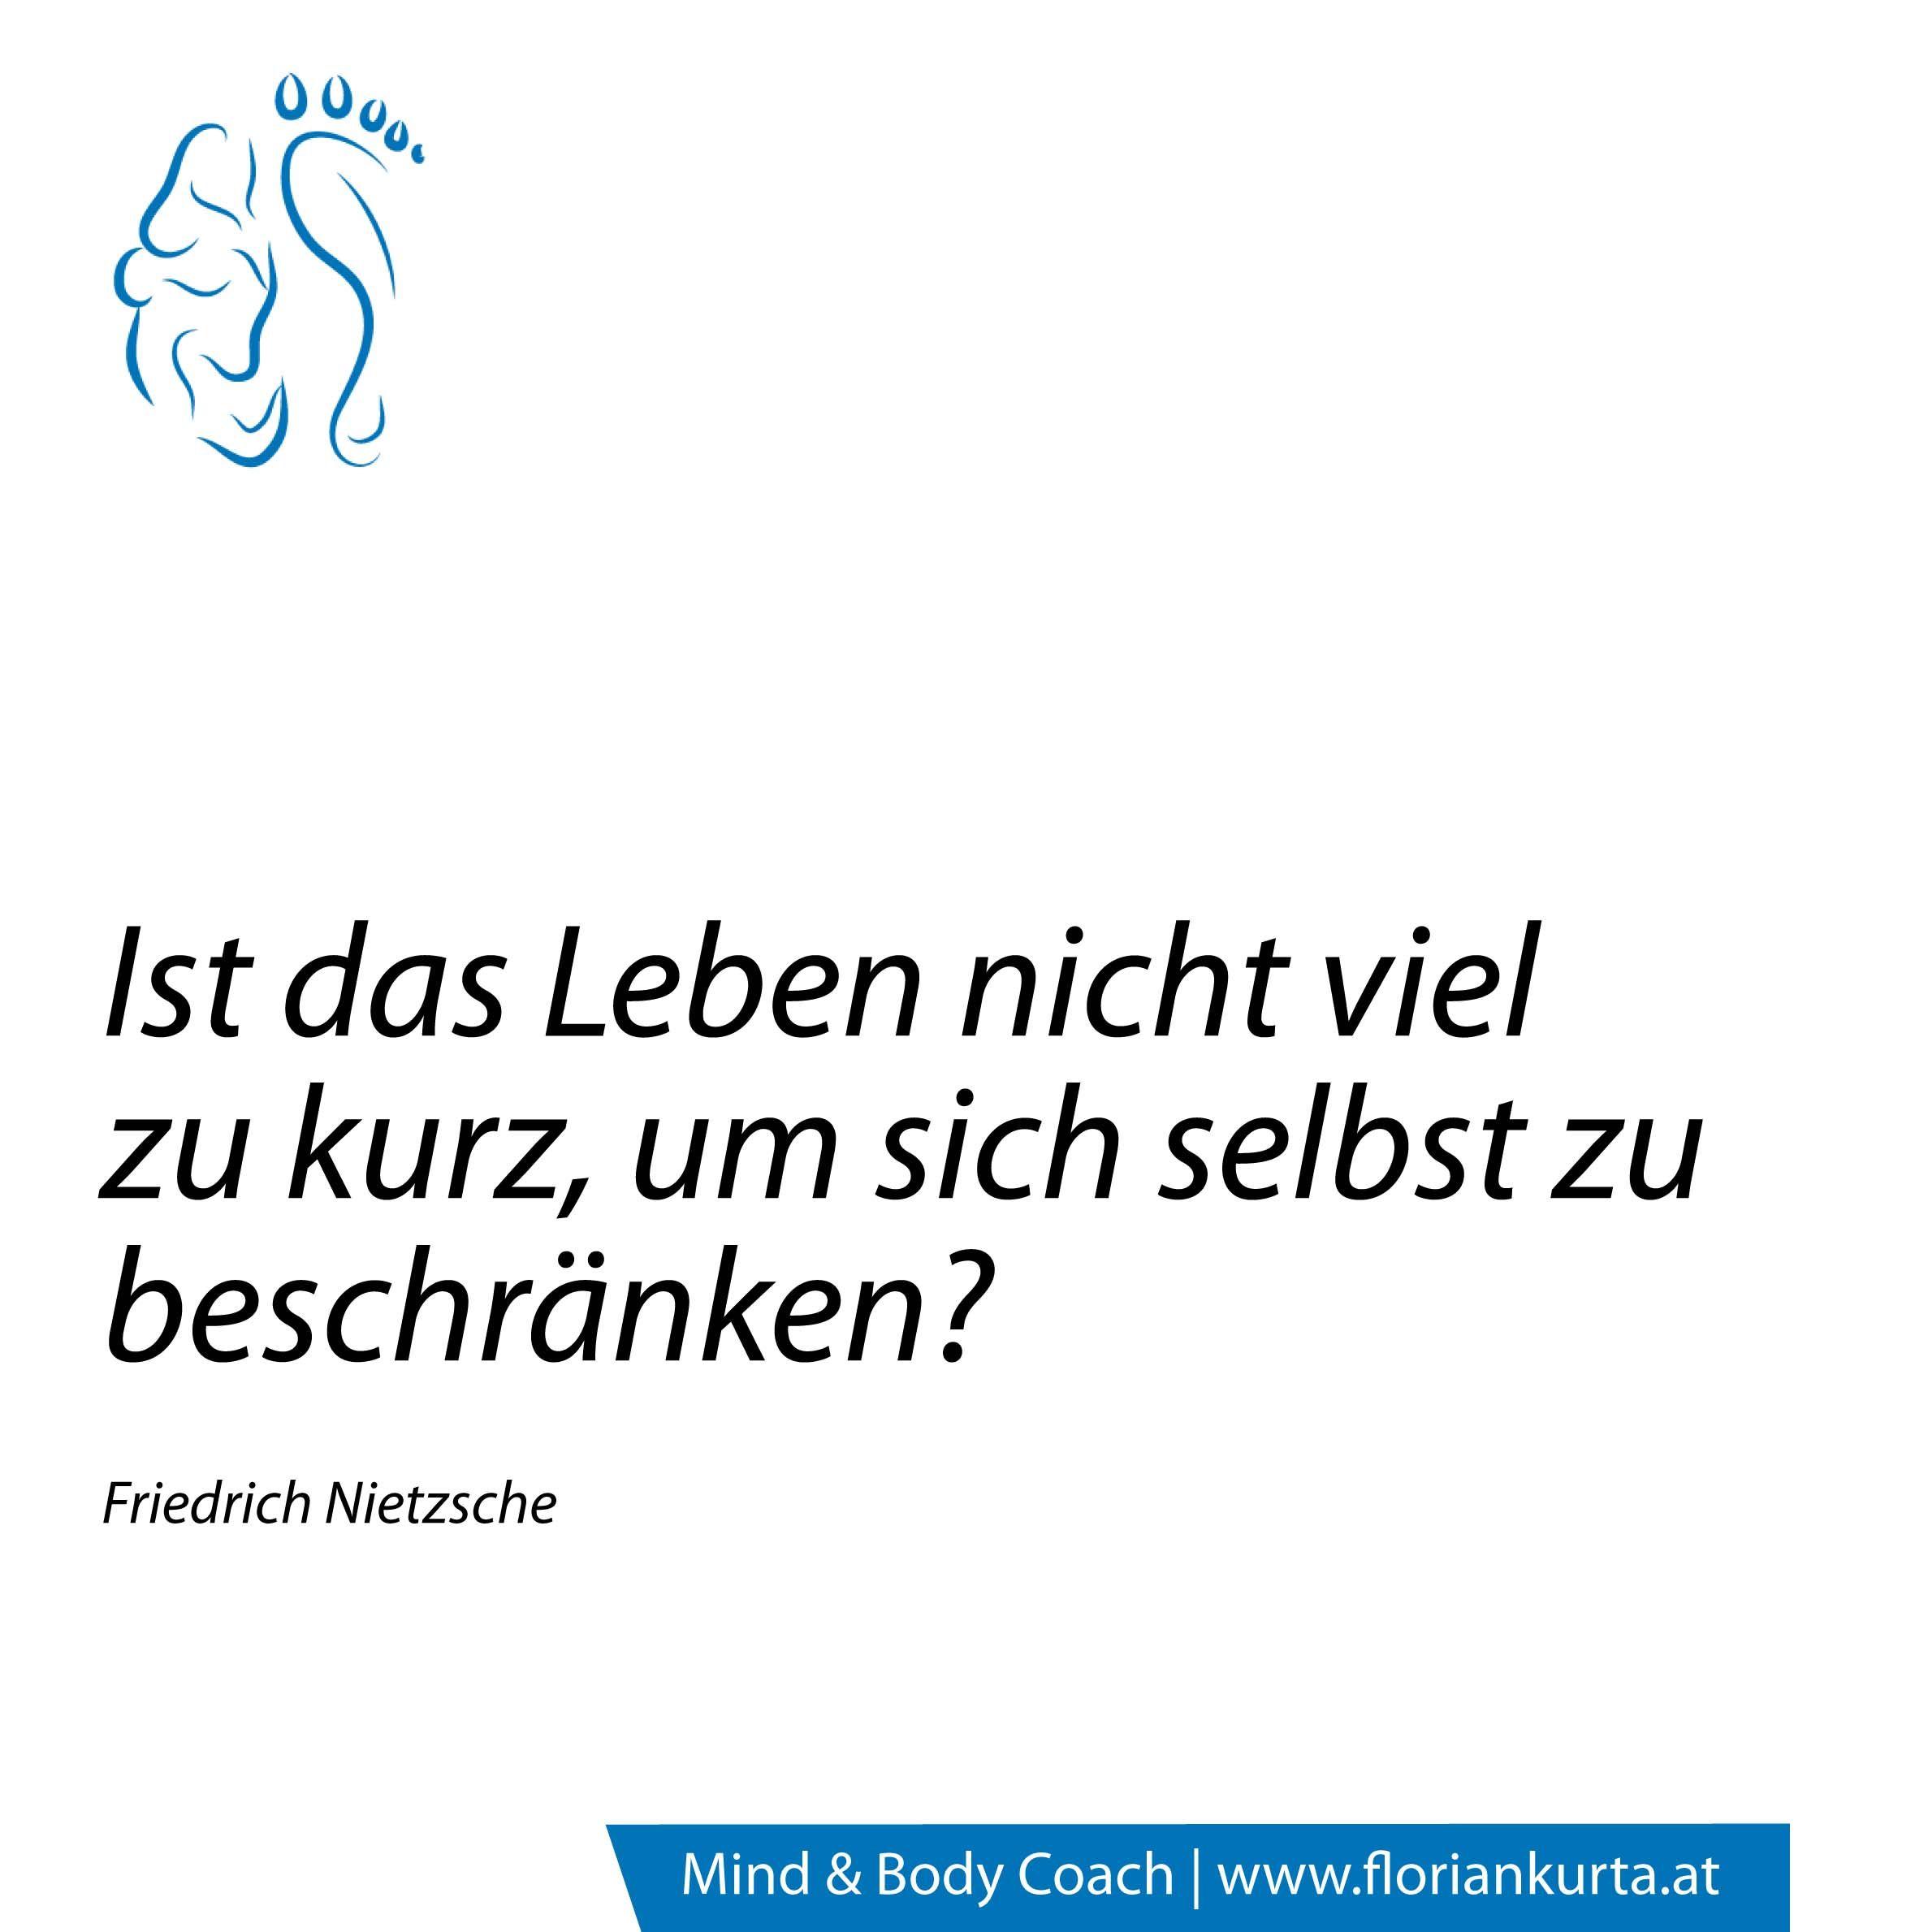 Ist Das Leben Nicht Viel Zu Kurz Um Sich Selbst Zu Beschranken Friedrich Nietzsche Www Floriankurta At Friedrich Nietzsche Zitate Zum Thema Leben Zitate